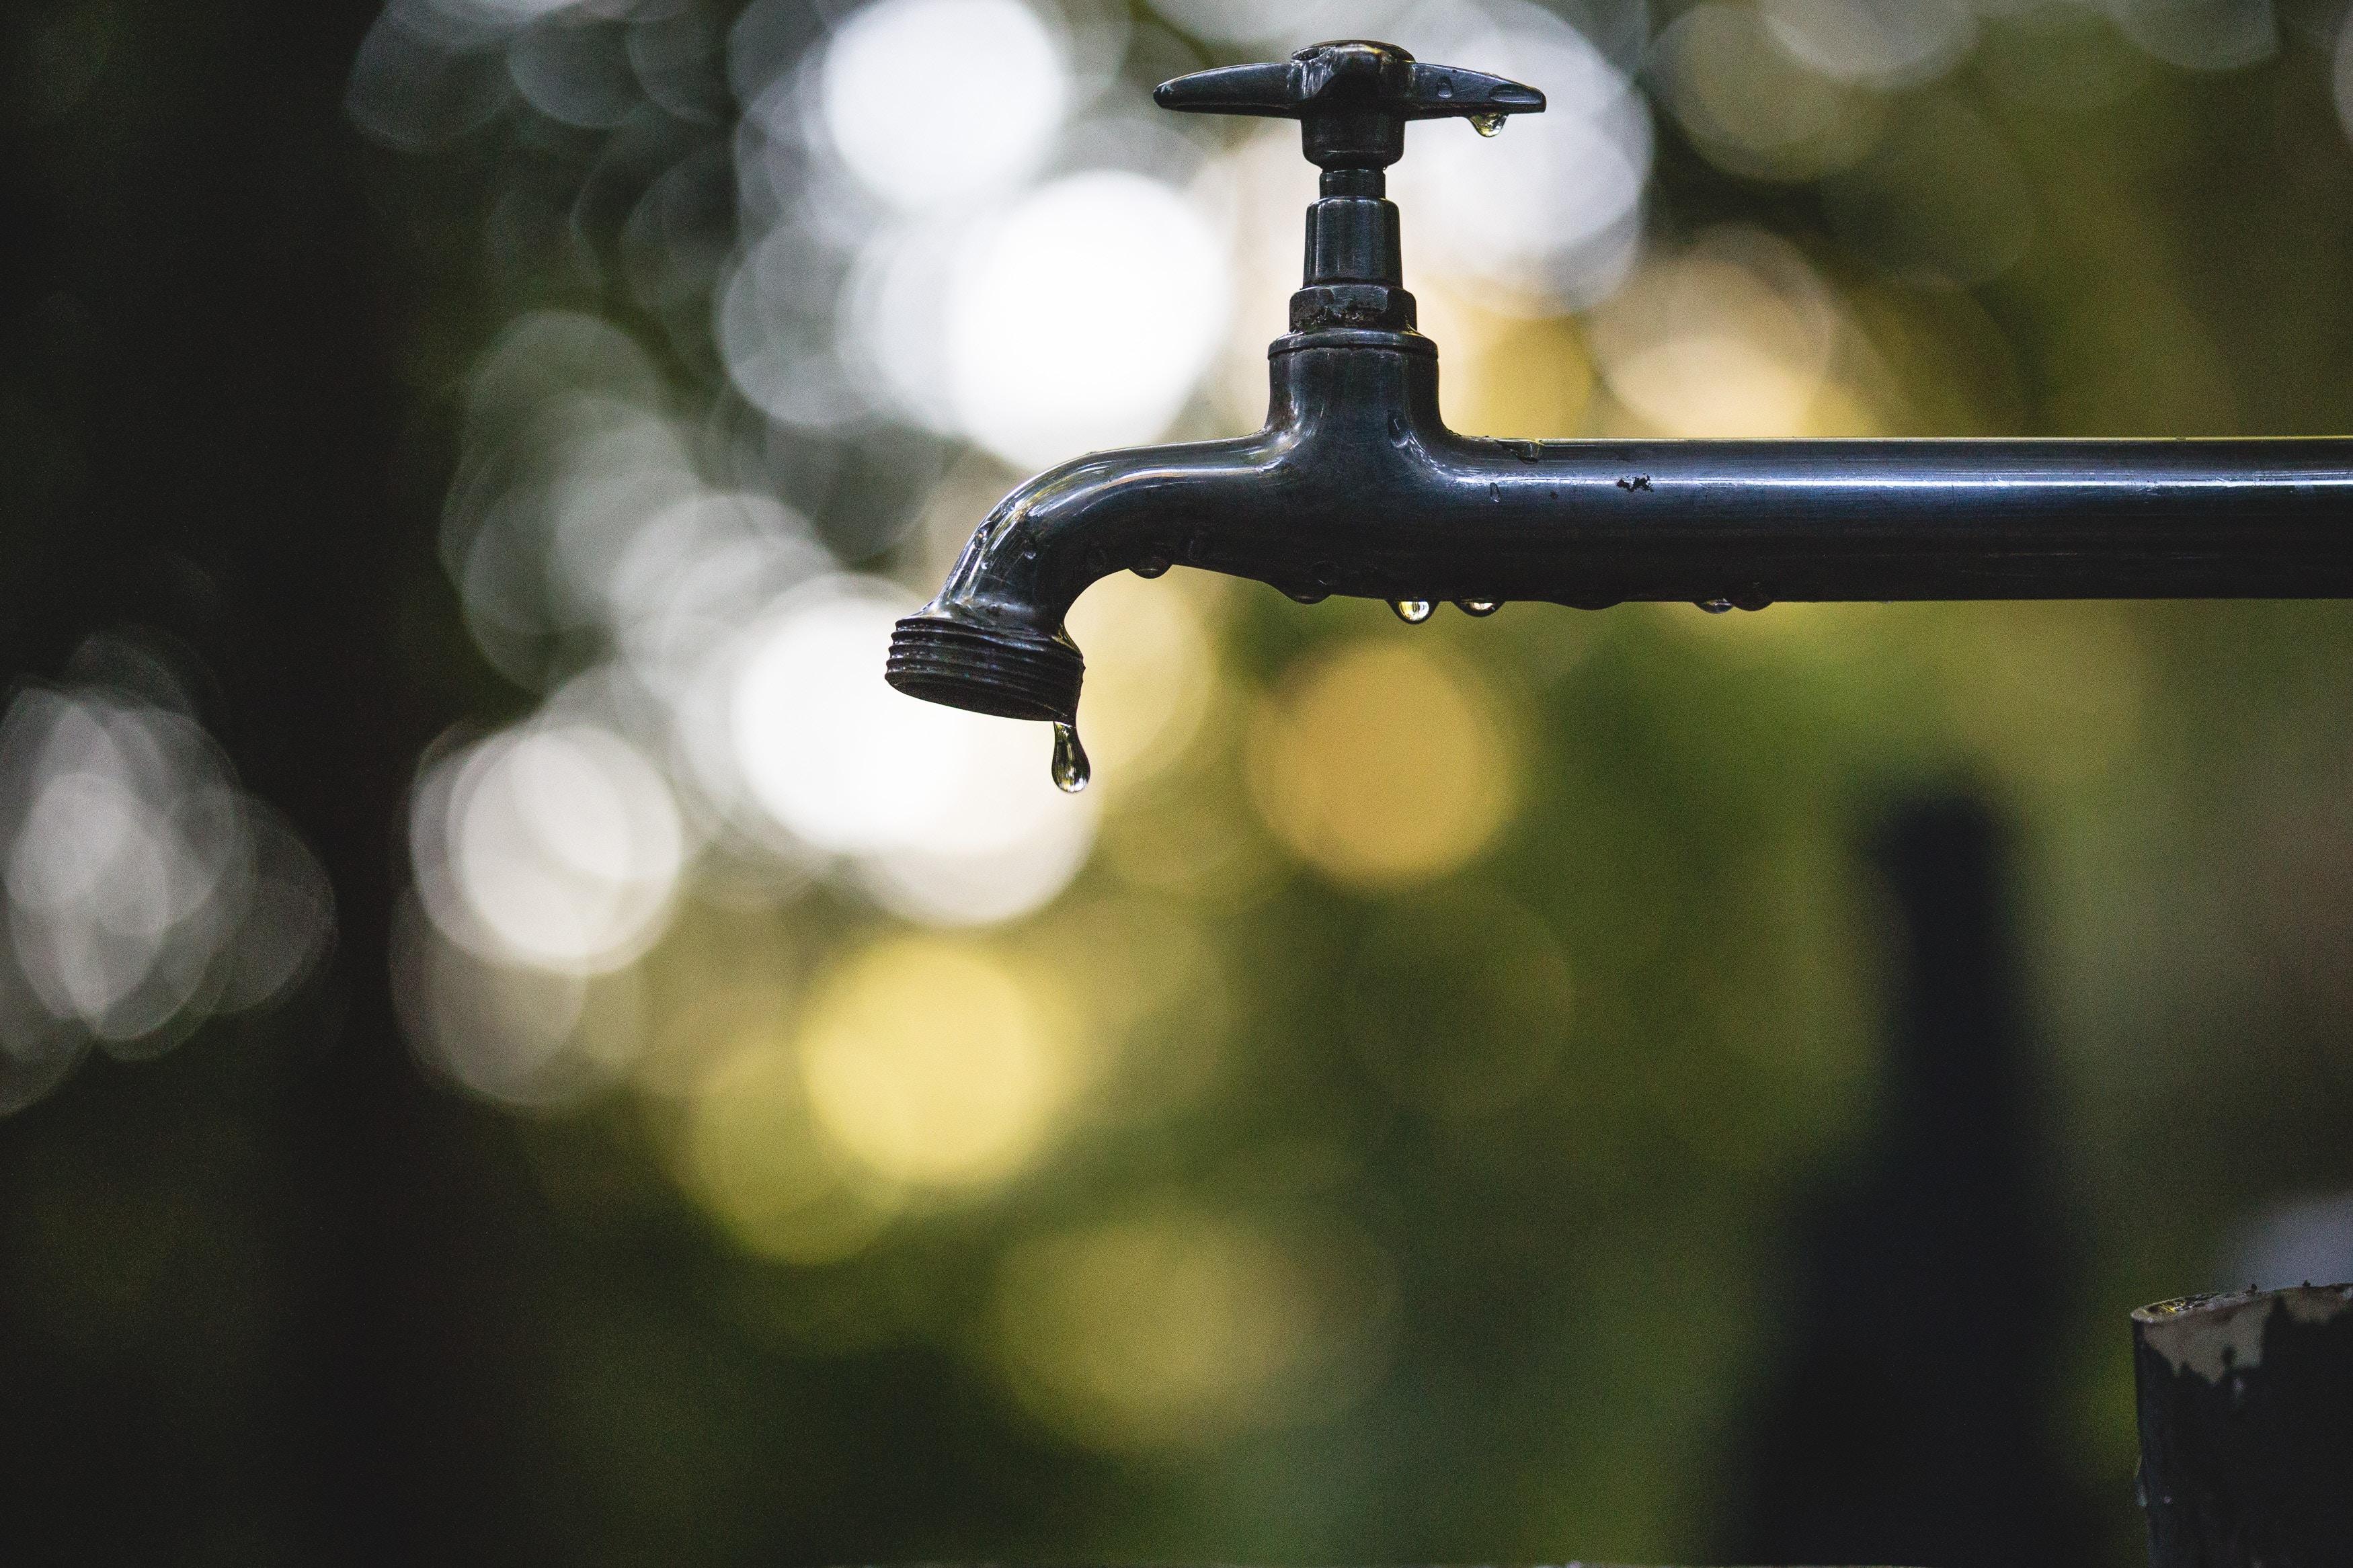 leaky pipe not leaky gut